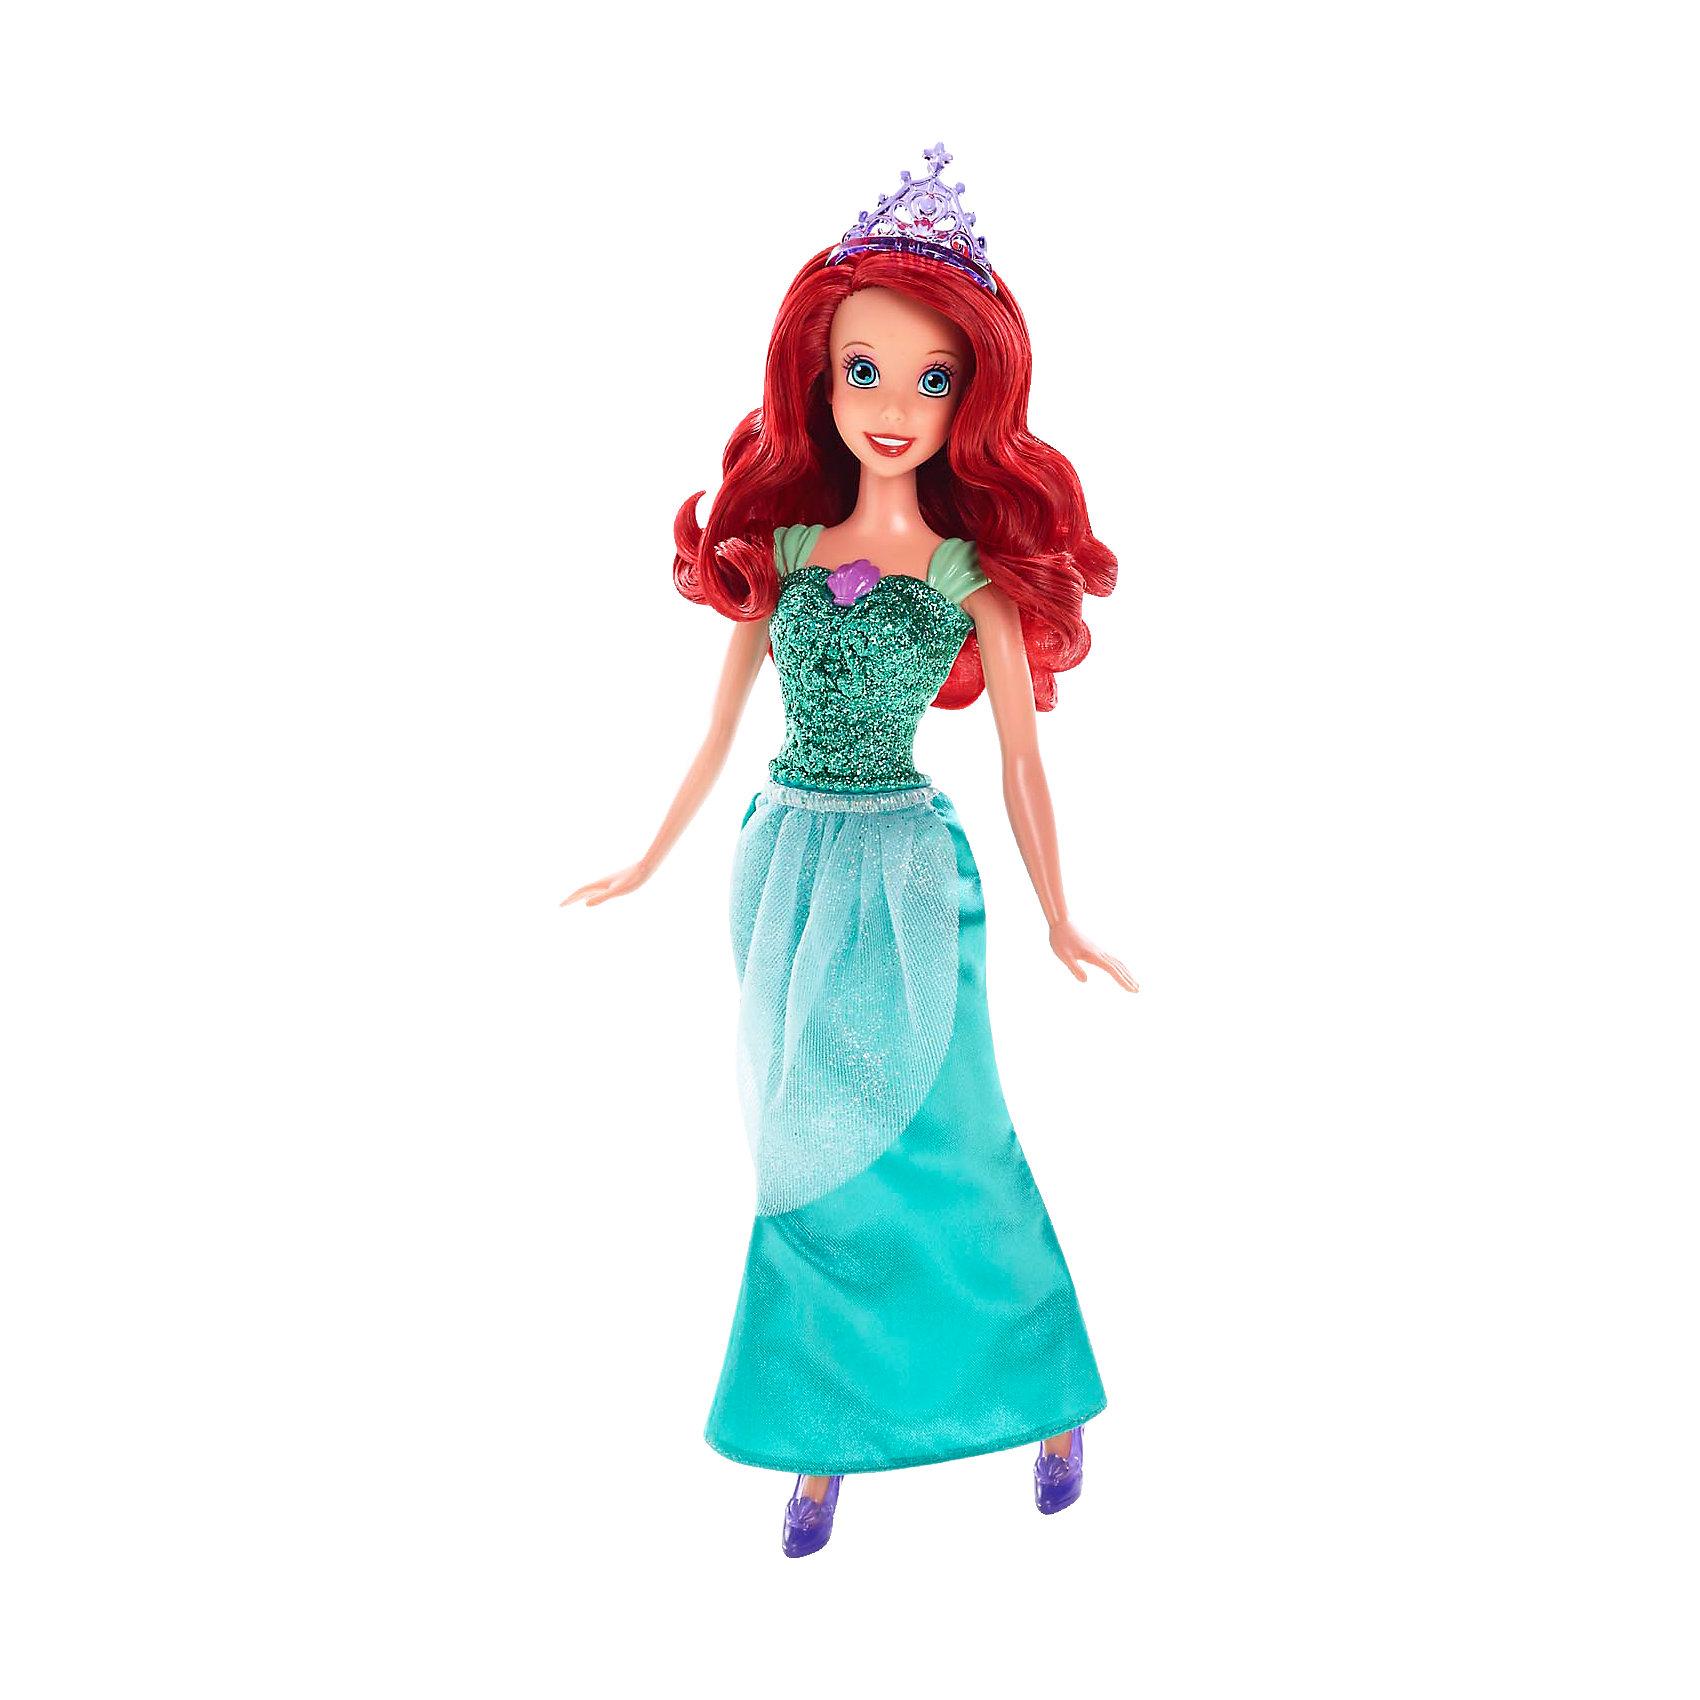 Кукла Ариэль, Принцессы ДиснейИгрушки<br>Кукла Ариэль, Disney Princess (Принцесса Диснея) – это кукла, созданная для настоящей принцессы!<br>Сказочная Принцесса Ариэль в сверкающем наряде чудно хороша! Наряд куклы, как всегда, безупречен. Верхняя часть бального платья таинственно переливается, длинная юбка украшена легкой полупрозрачной тканью. На груди у куколки находится отличительный знак, присущий только ей – ракушка. Туфельки на ножках прекрасно гармонируют с платьем. Ее шелковистые длинные волосы красиво уложены. На голове изящная тиара. Волосы куклы изготовлены из нейлона высокого качества. Одежду и обувь можно снимать. Образ куклы Ариэль Disney Princess проработан до мелочей, является завершенным и целостным! Игрушечная Ариэль выглядят, как реальный прототип - героини мультфильмов Disney о Русалочке!<br><br>Дополнительная информация:<br><br>- Материал: высококачественный пластик, текстиль<br>- Рост куклы: 29 см.<br>- Размер упаковки: 11,5 х 6 х 32 см.<br>- Вес: 243 гр.<br><br>Куклу Ариэль, Disney Princess (Принцесса Диснея) можно купить в нашем интернет-магазине.<br><br>Ширина мм: 327<br>Глубина мм: 119<br>Высота мм: 63<br>Вес г: 184<br>Возраст от месяцев: 36<br>Возраст до месяцев: 72<br>Пол: Женский<br>Возраст: Детский<br>SKU: 3858579